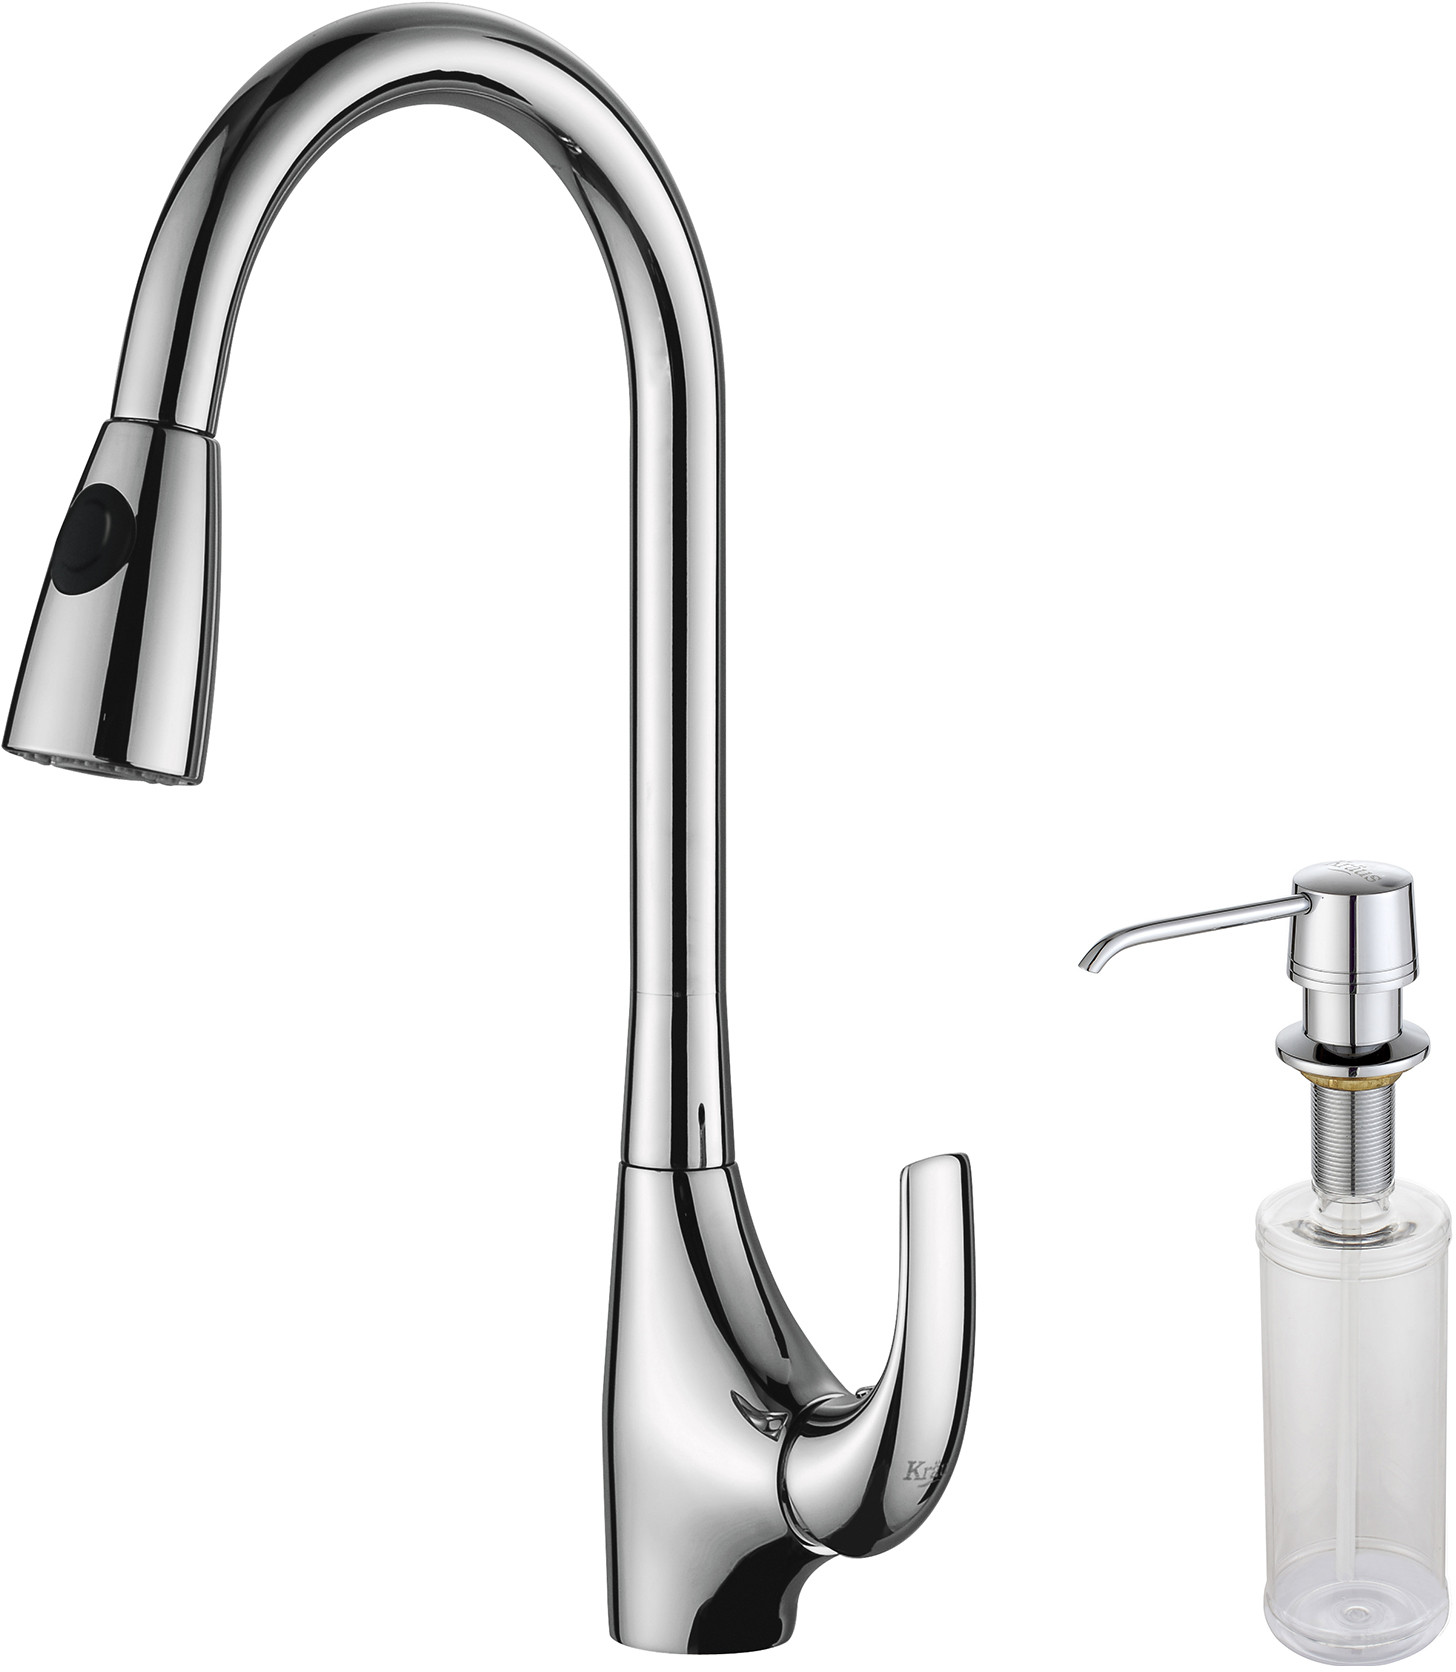 kraus kitchen faucet series kpf1621ksd30ch